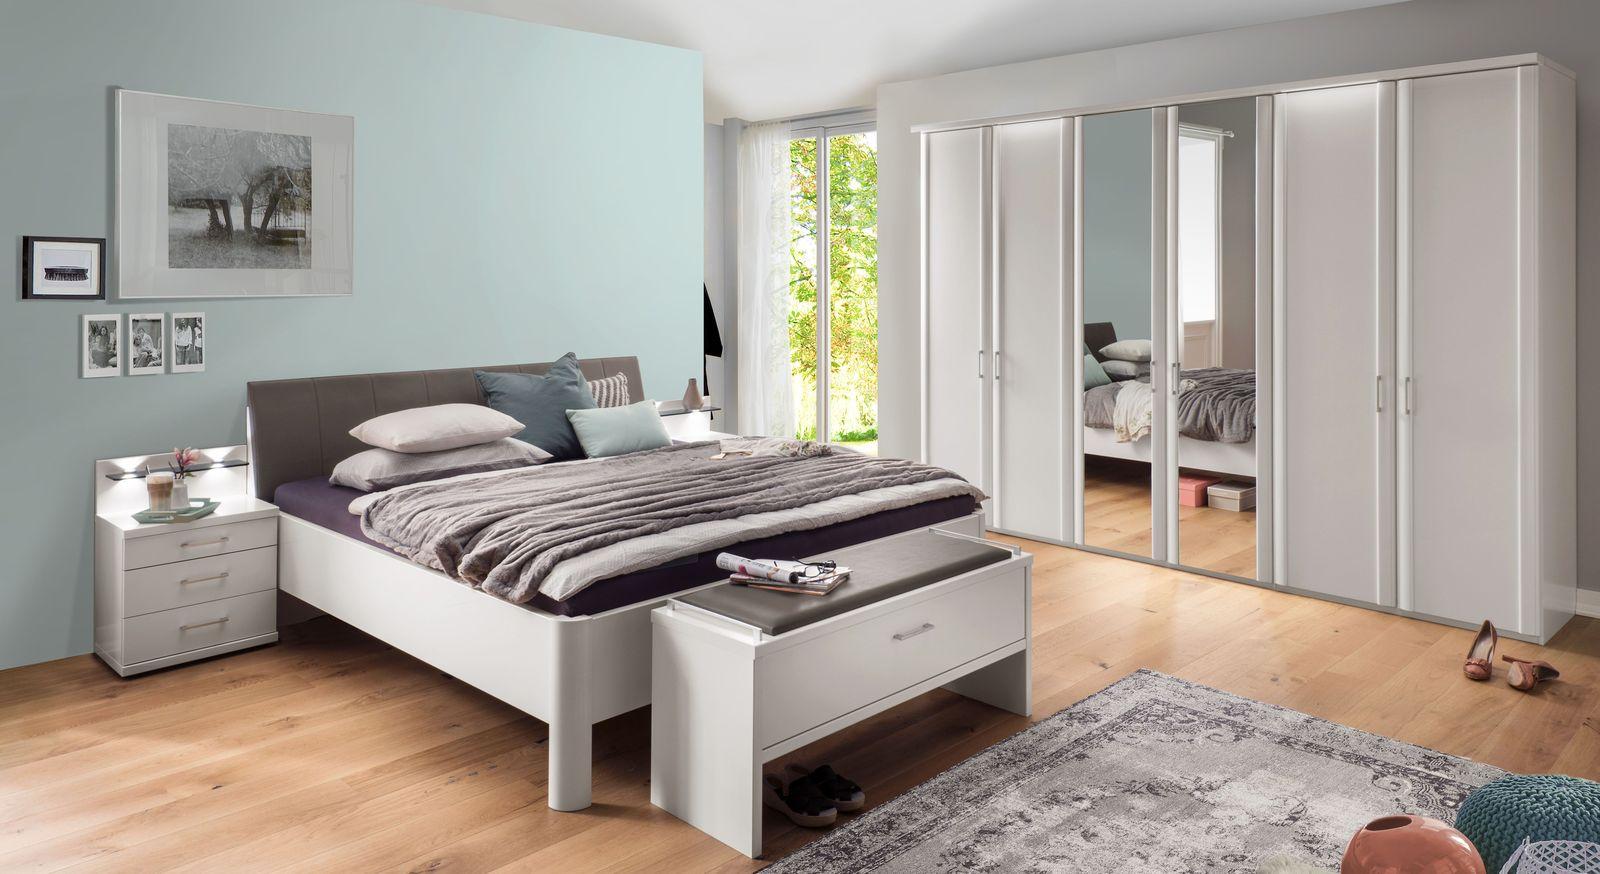 Passende Produkte zum Komfort-Doppelbett Castelli